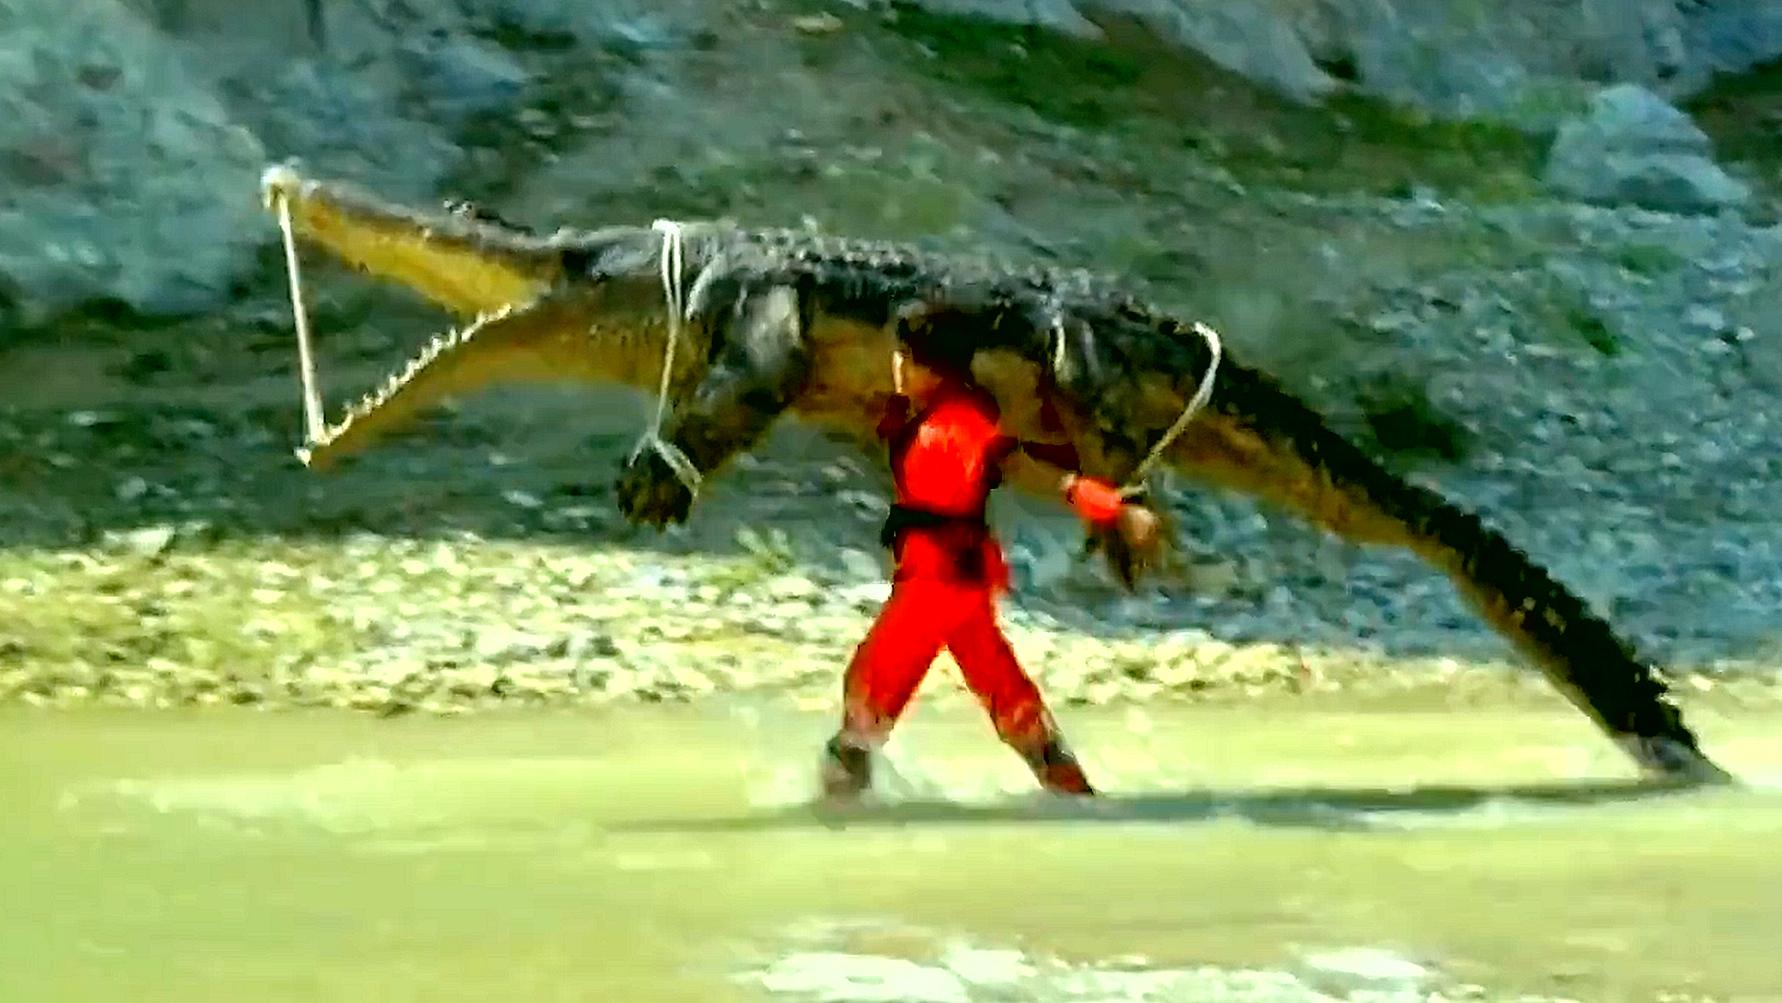 科幻片:爷爷想吃一条鱼,结果诚实的孙子,帮他抓来一条鳄鱼!